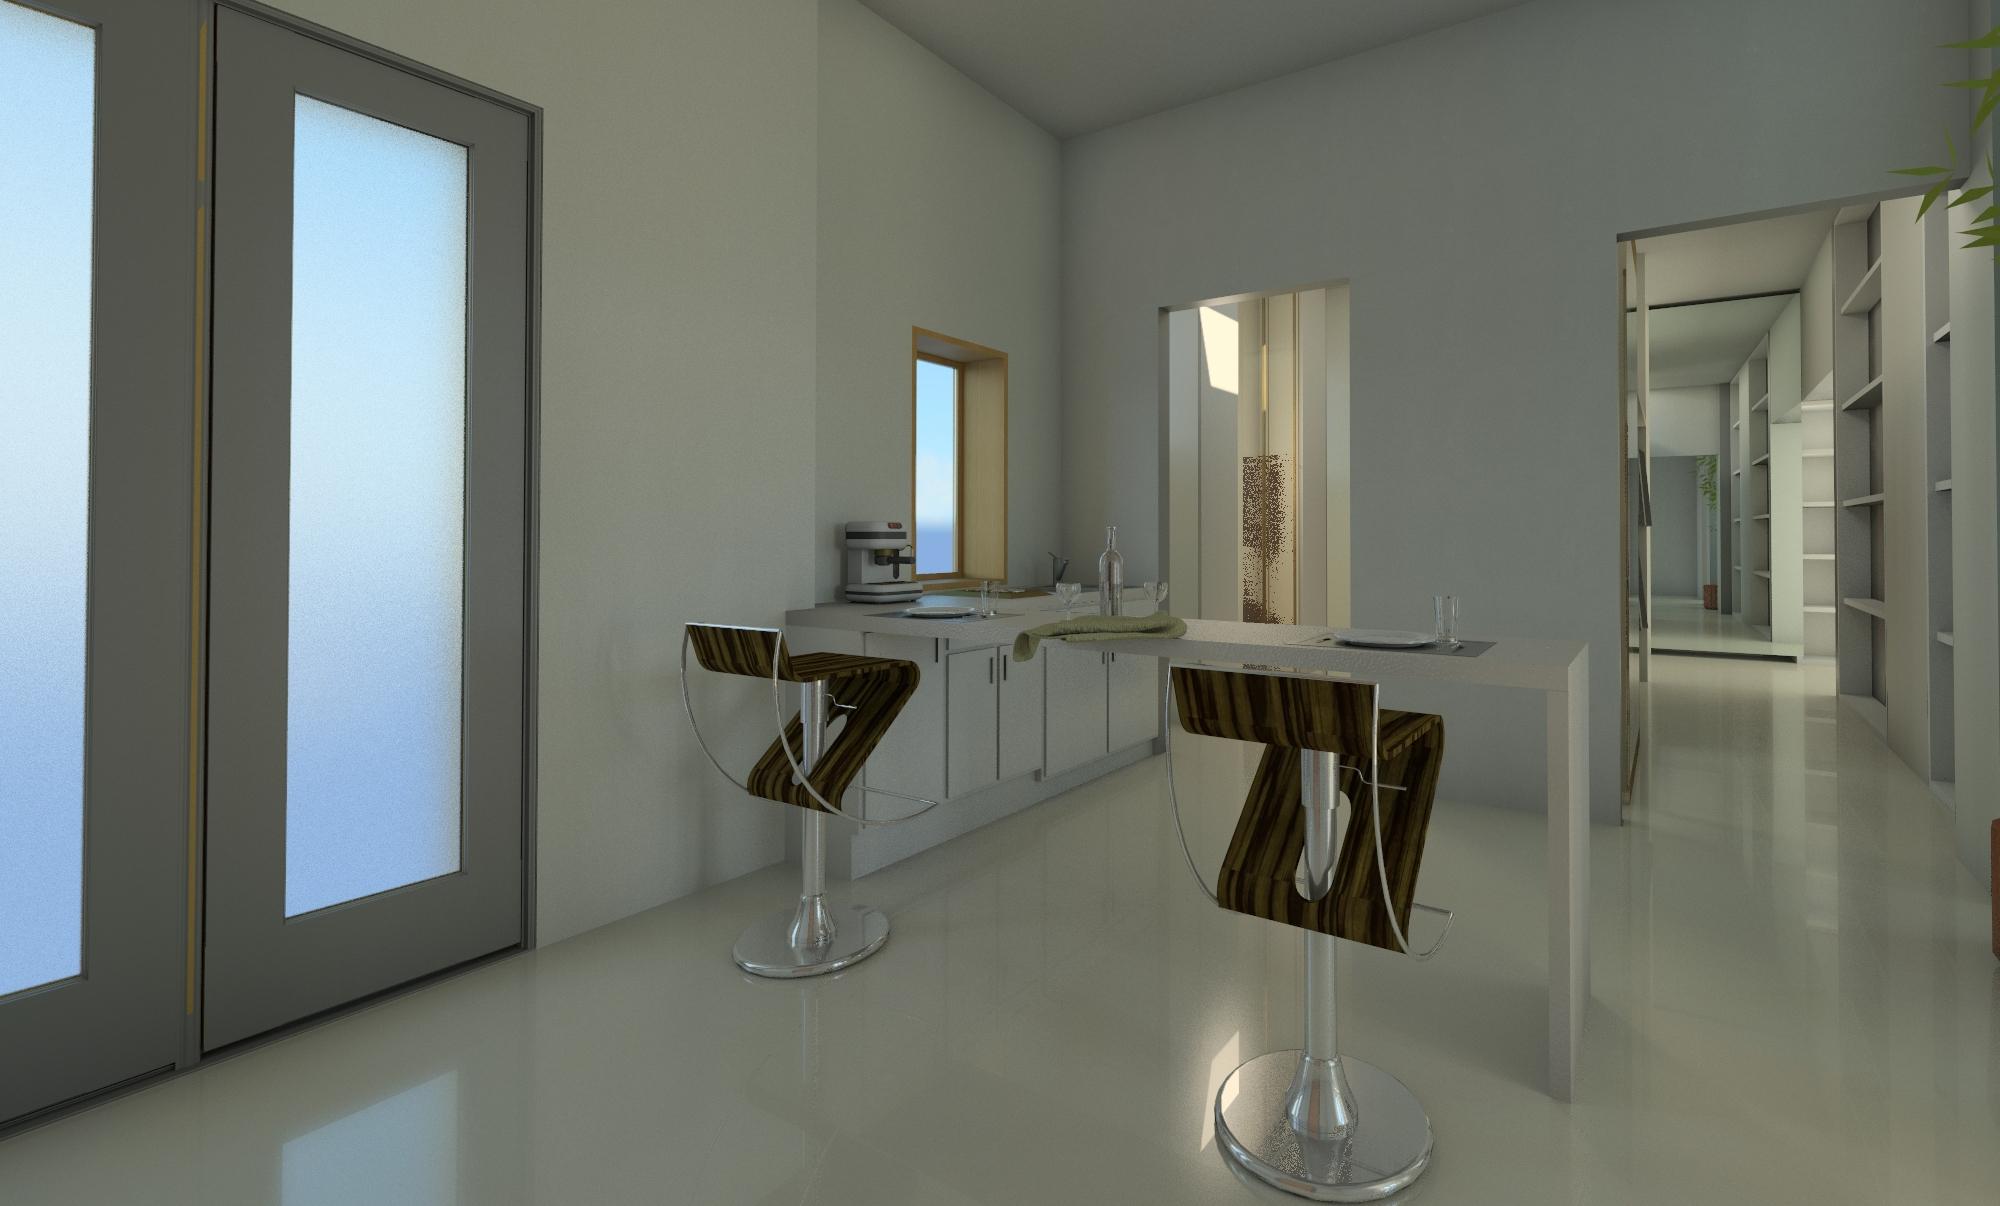 Raas-rendering20150429-29407-6adej3